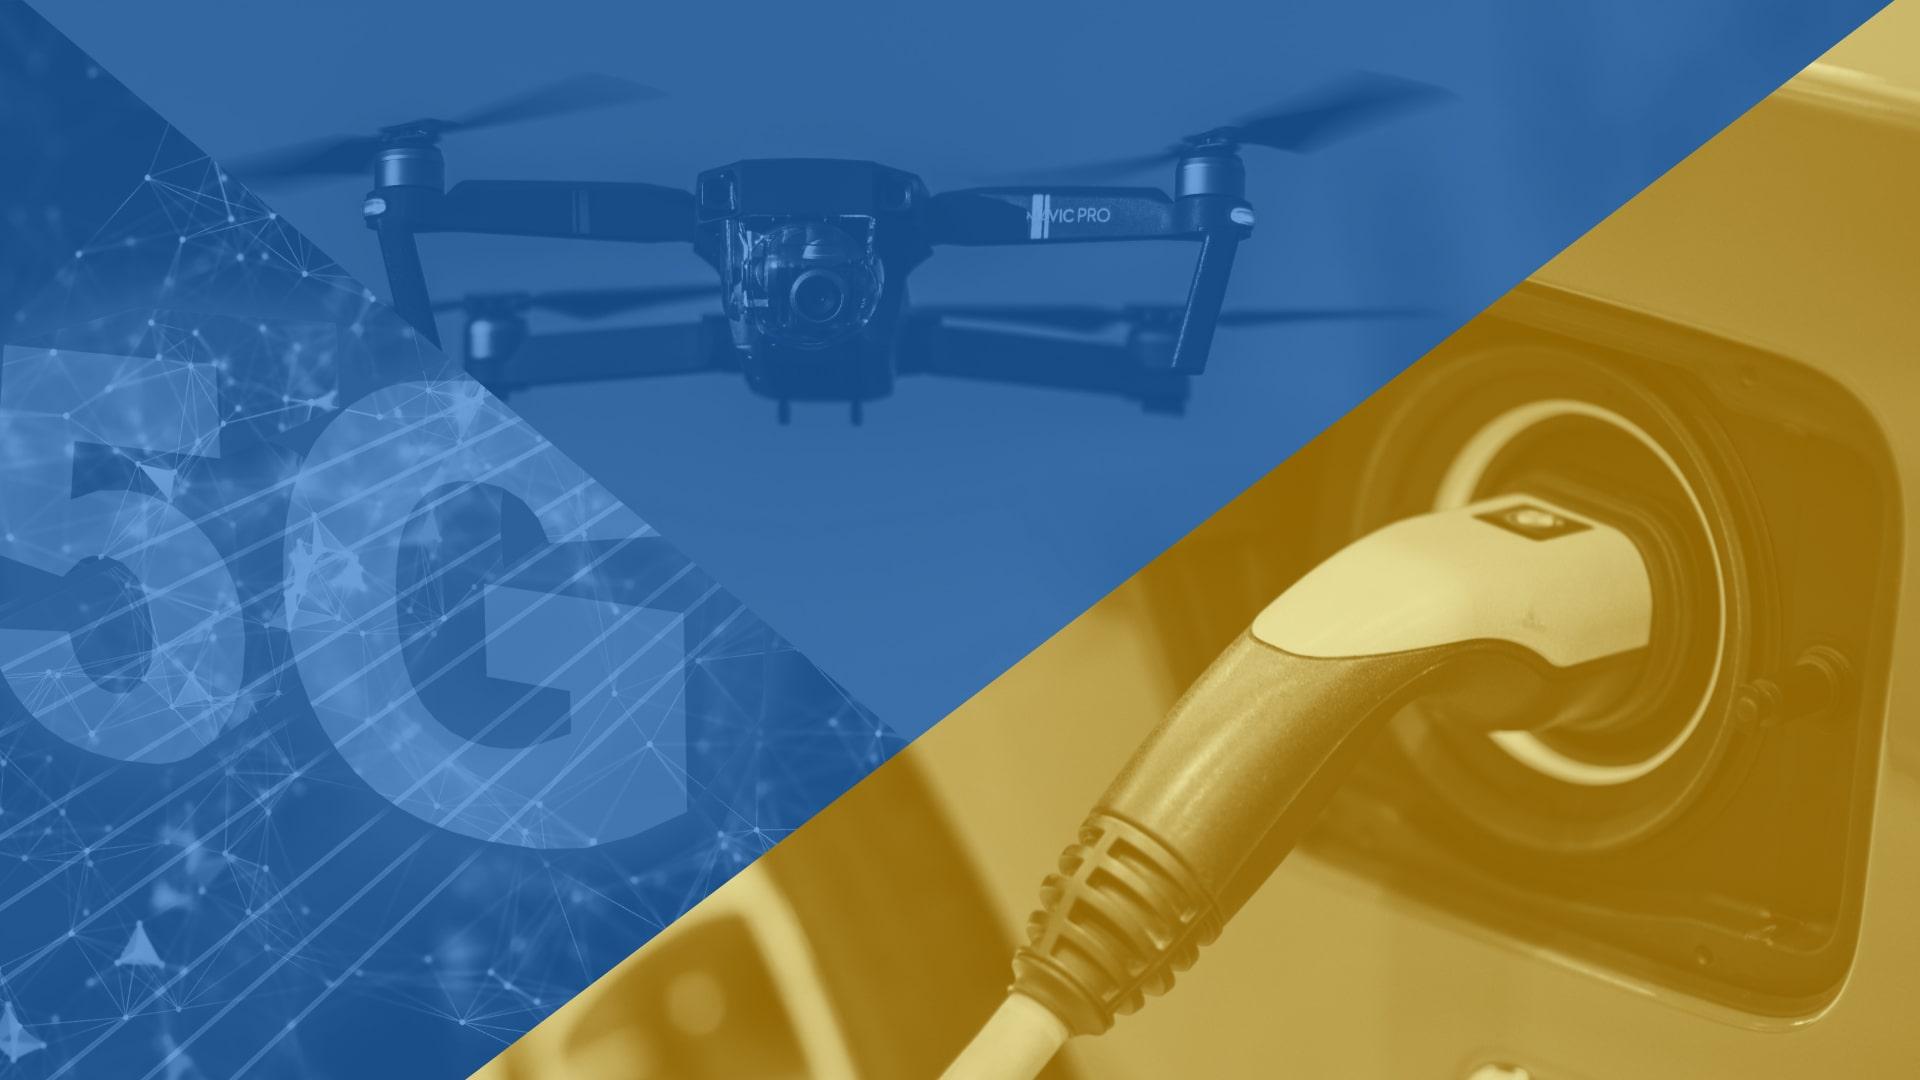 Беспилотный транспорт, сети 5G и электромобили – ключевые технологические тренды на конференции CADFEM/Ansys